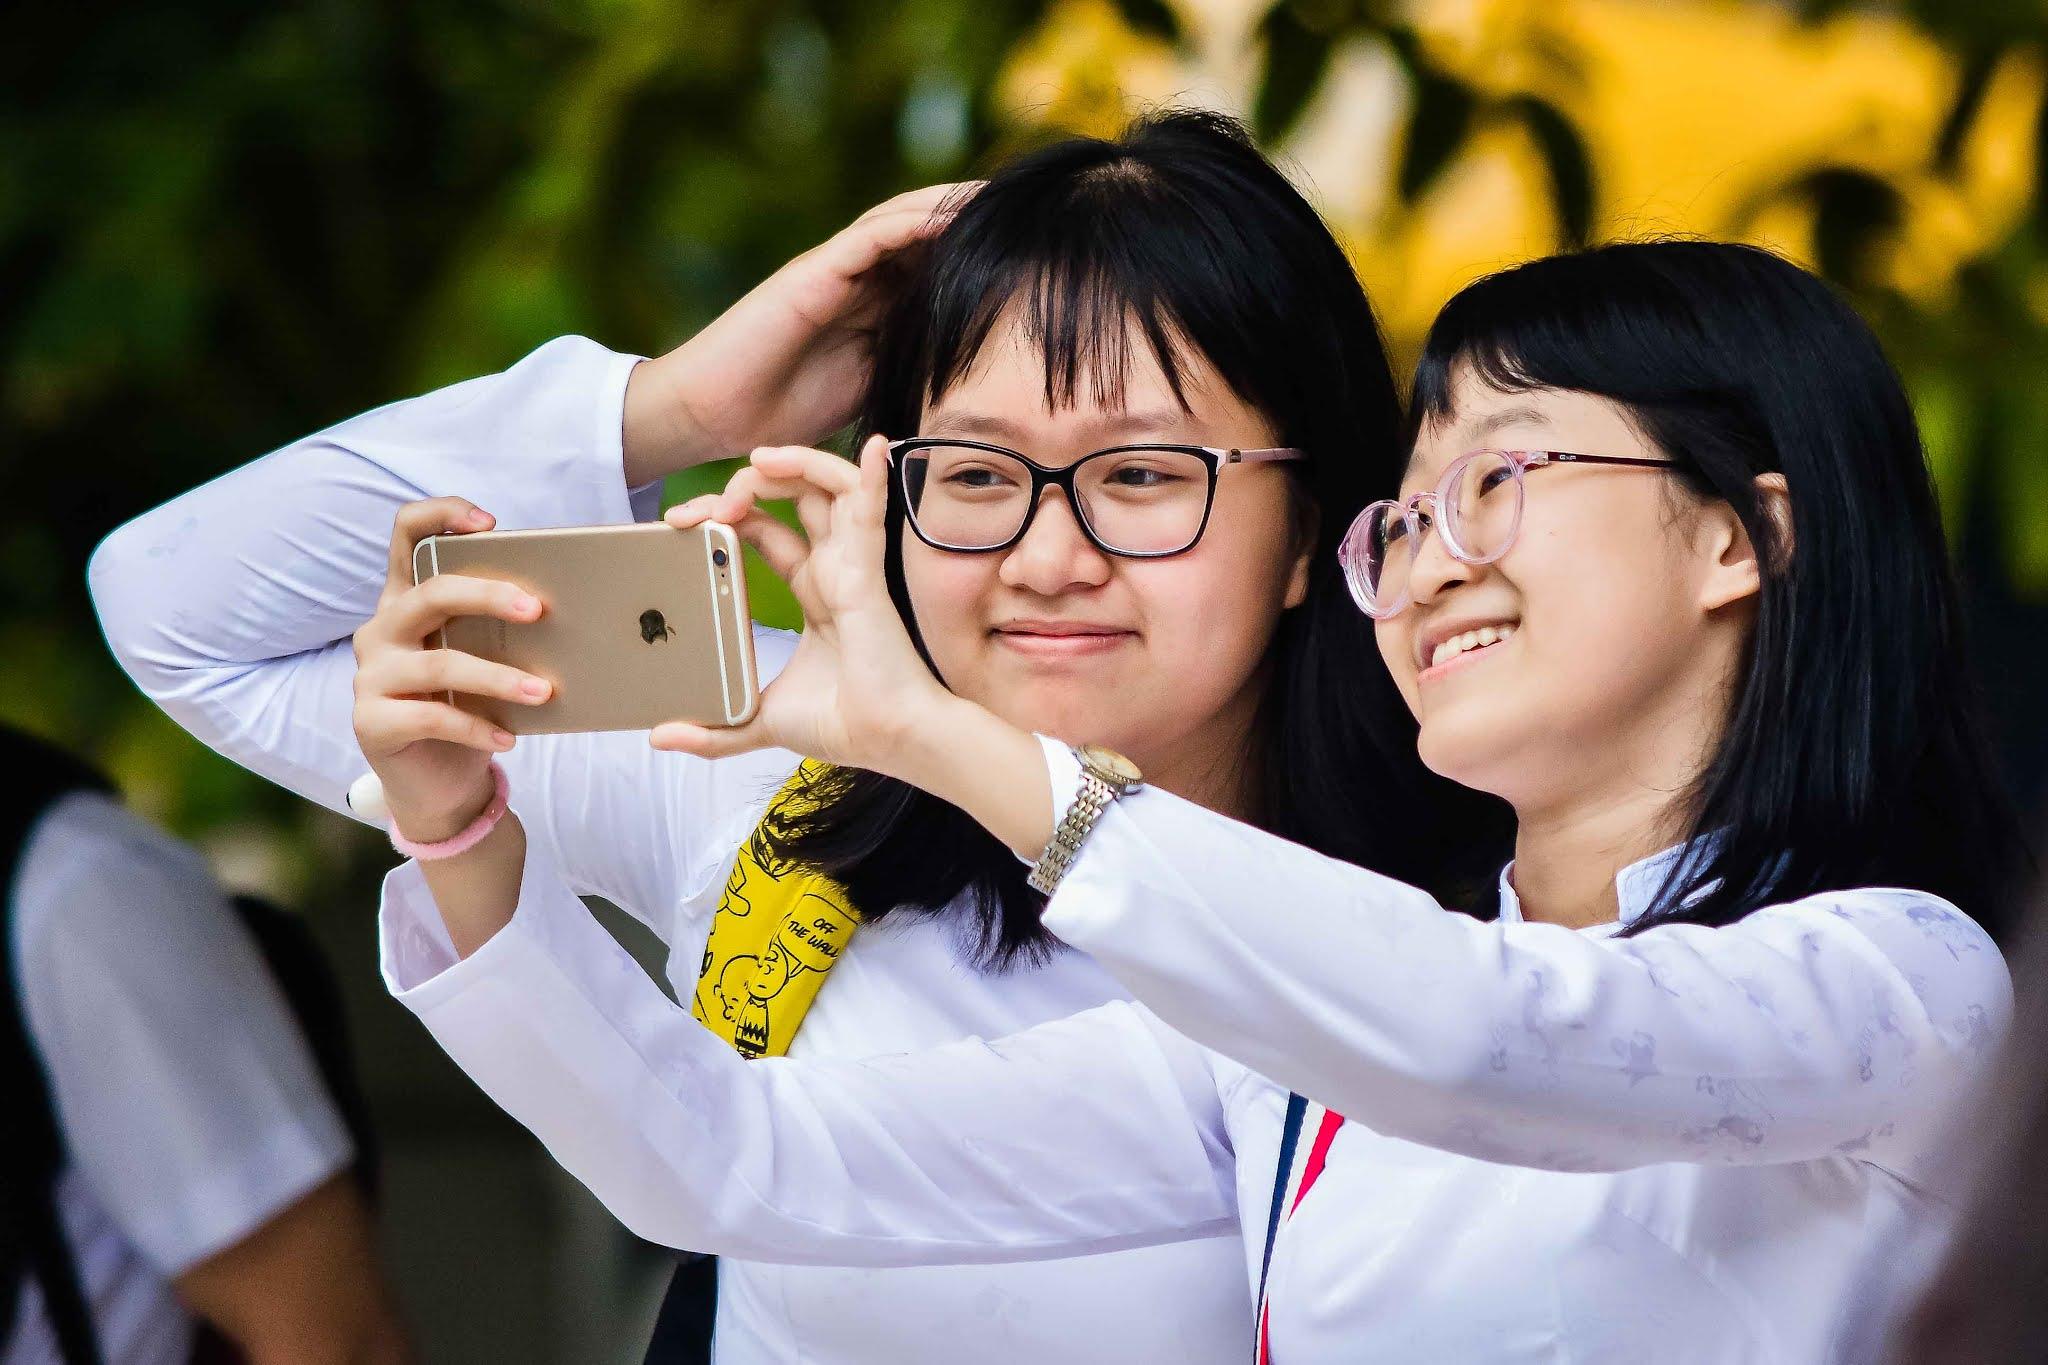 Giới thiệu Khoi Studio - Chụp ảnh, quay phim Đà Nẵng & Quảng Nam